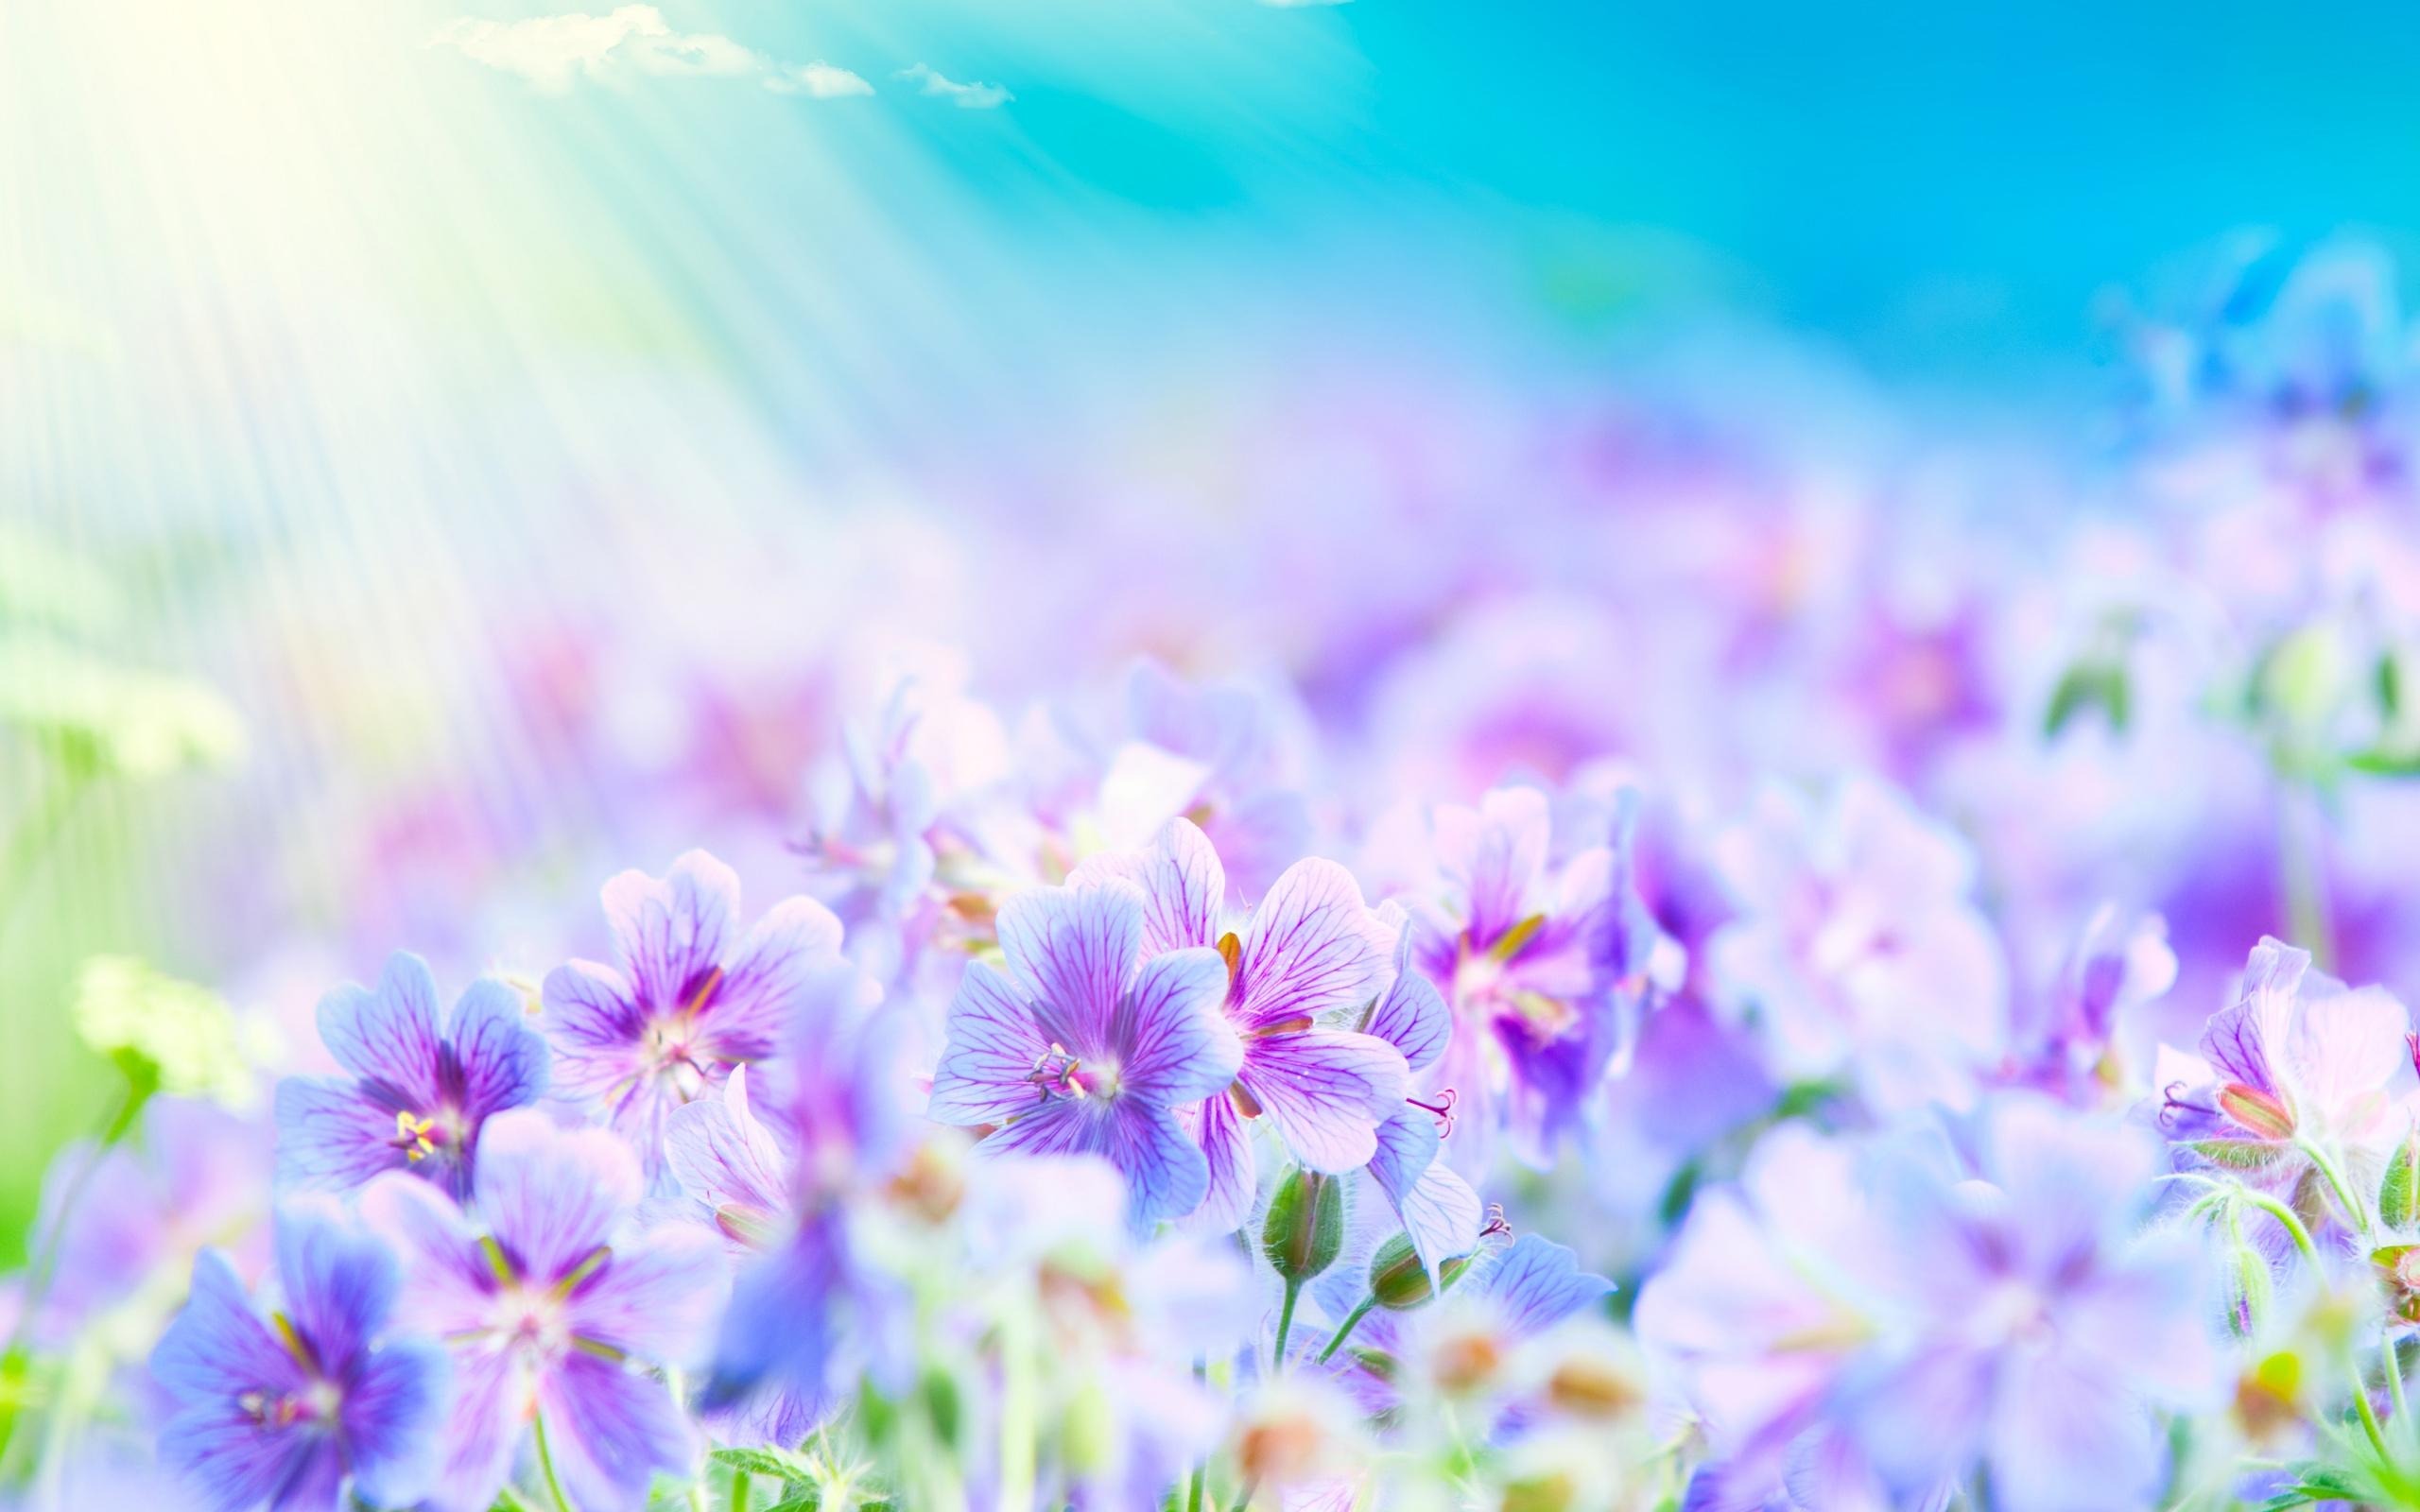 HD Flower Wallpaper Summer Flowers Wallpaper 2560x1600